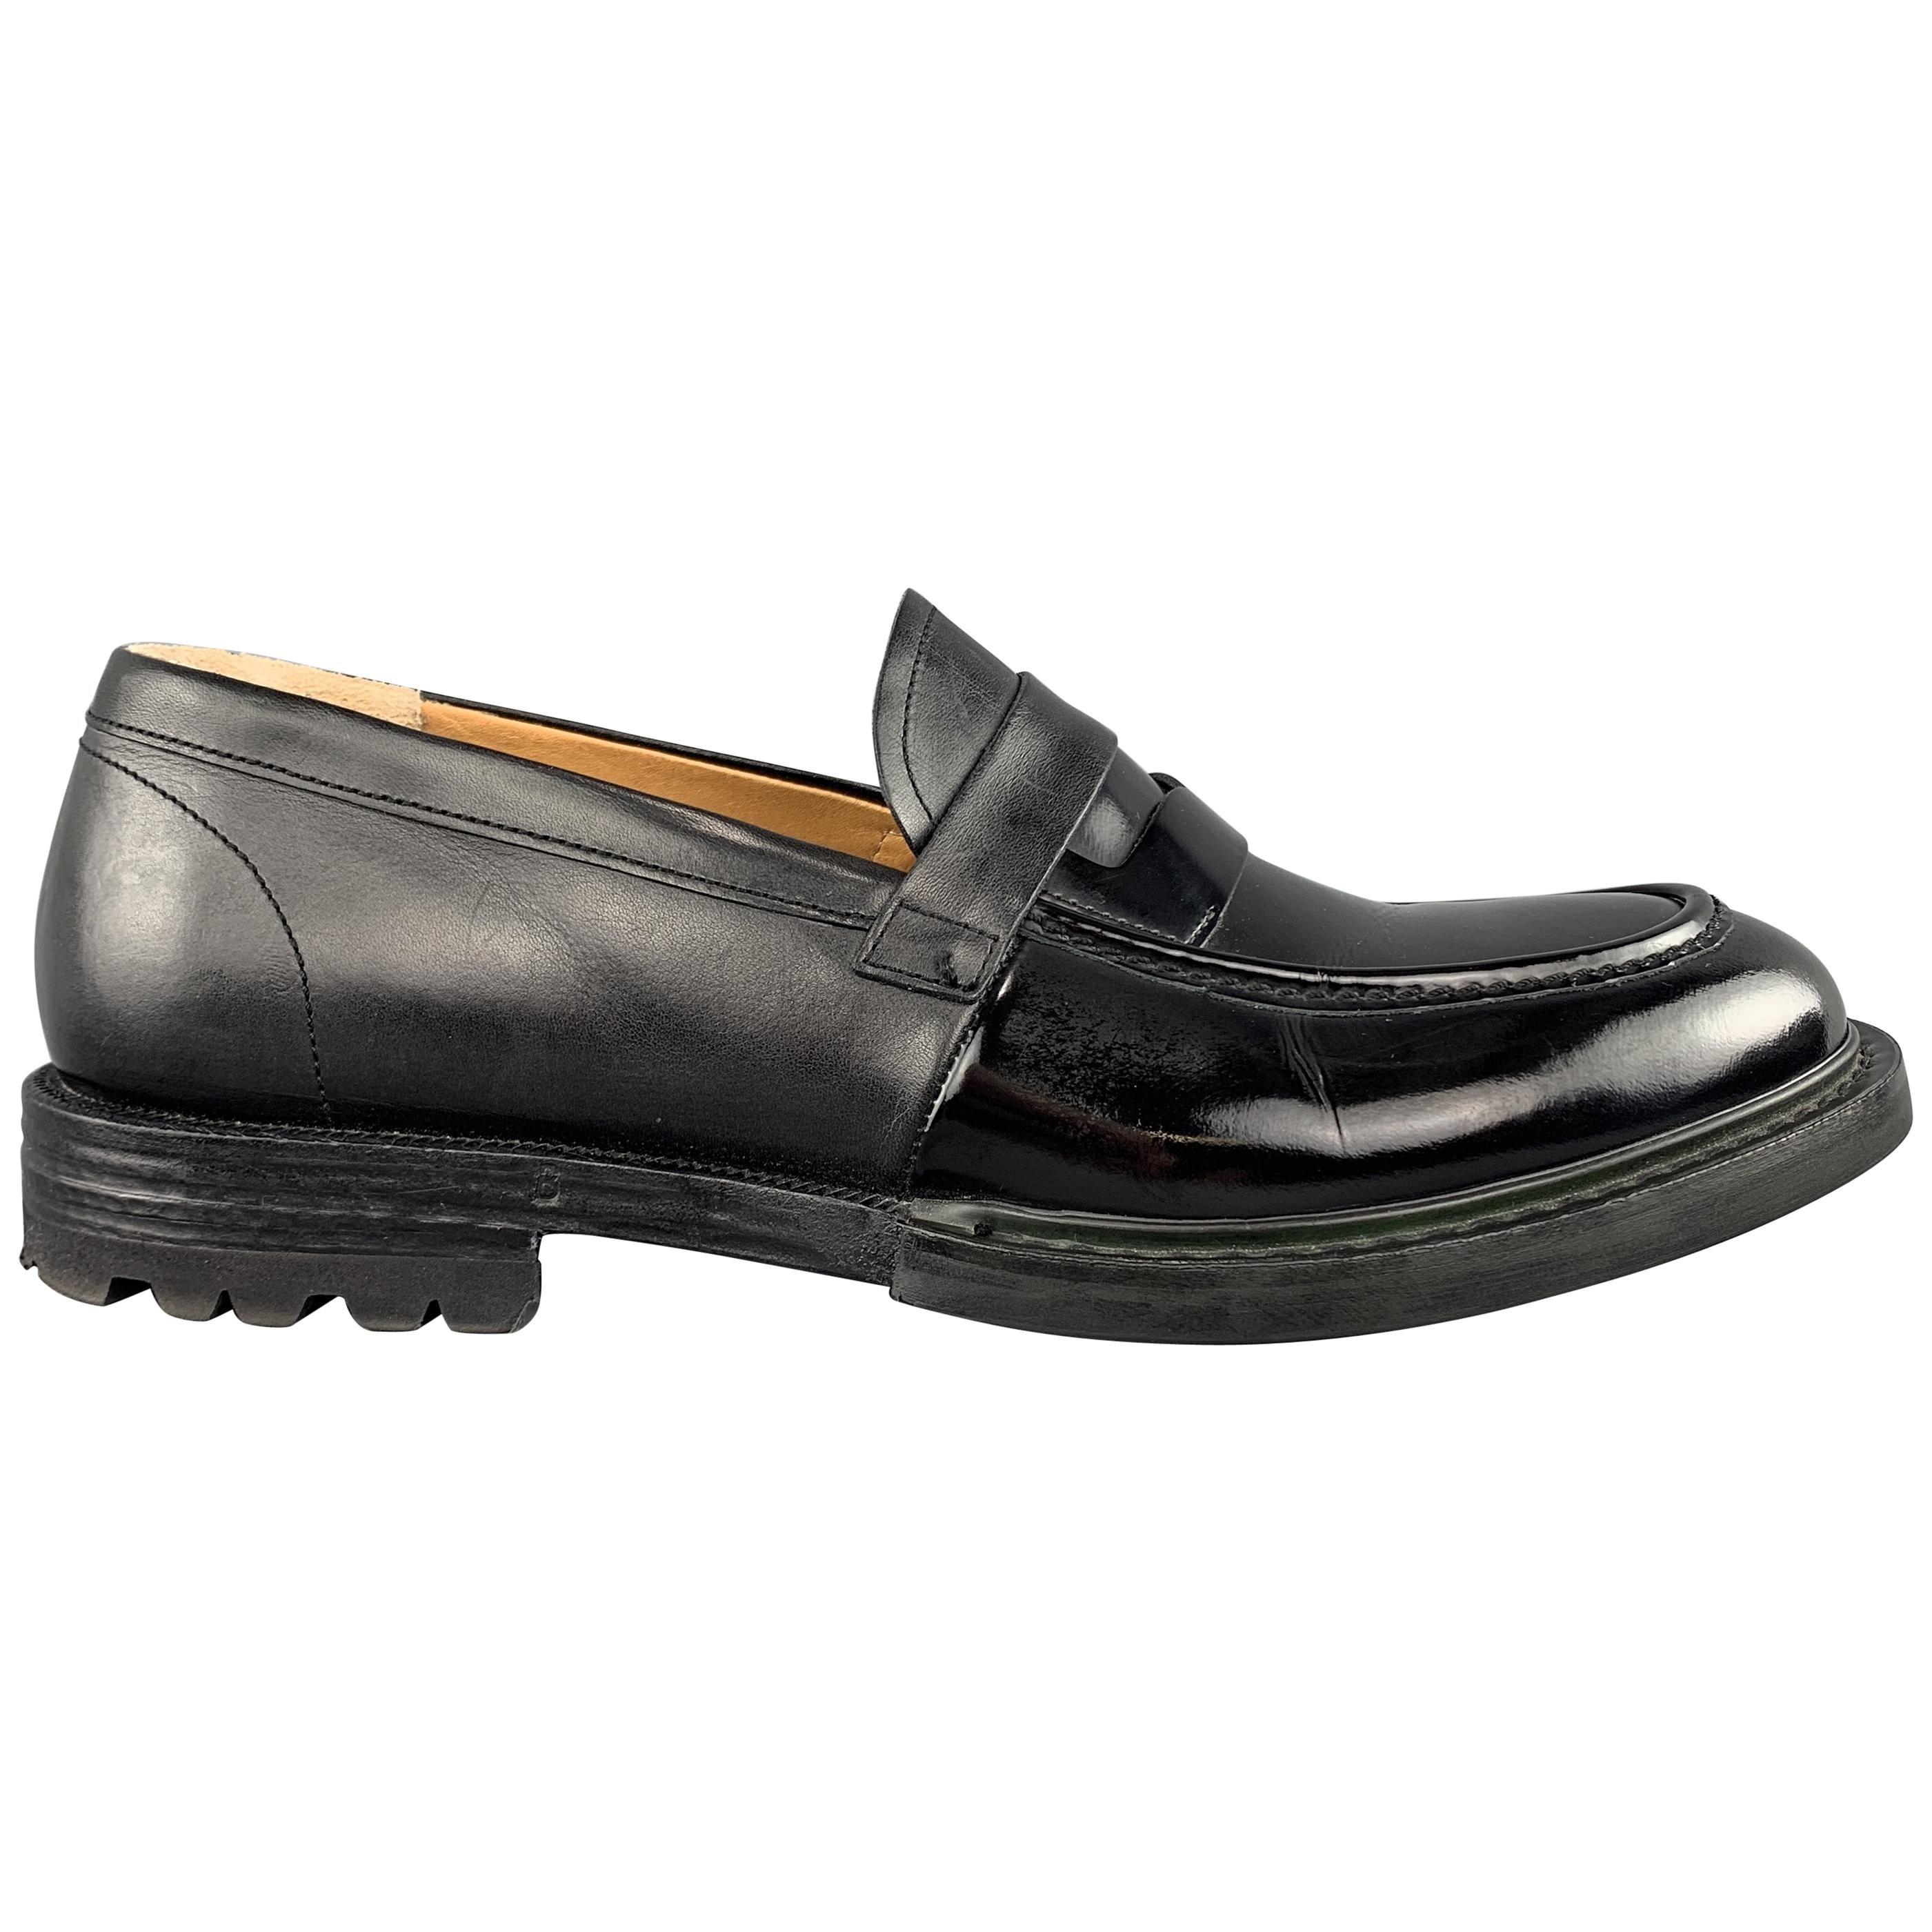 e3e82c0932 Sui GENERIS Consignment Shoes - 1stdibs